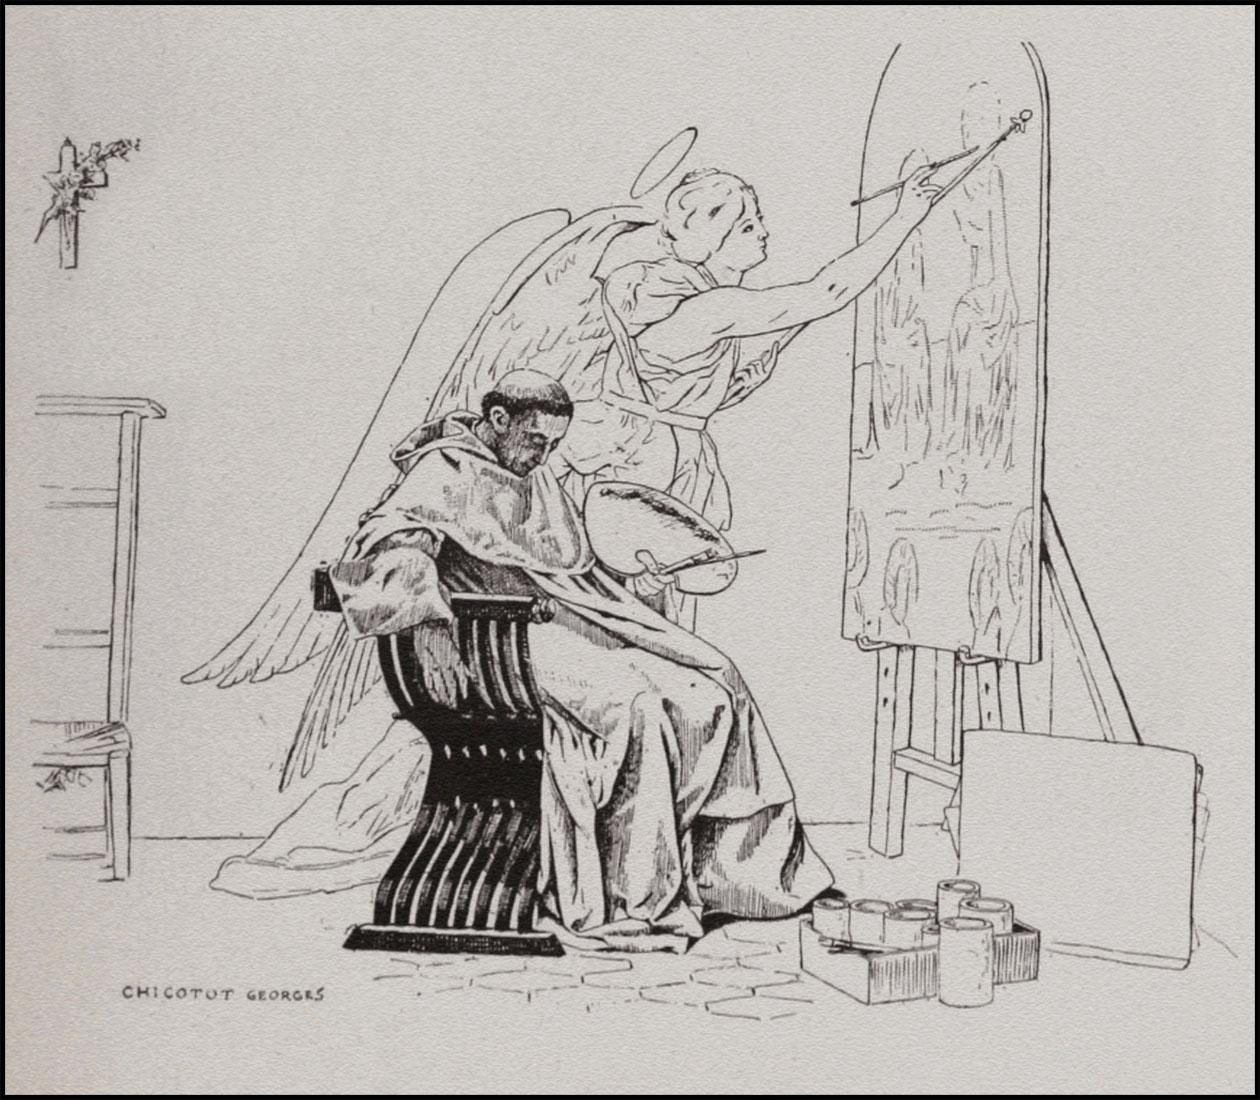 GeorgesChicotot_FraAngelica_1898.jpg (1260×1100)